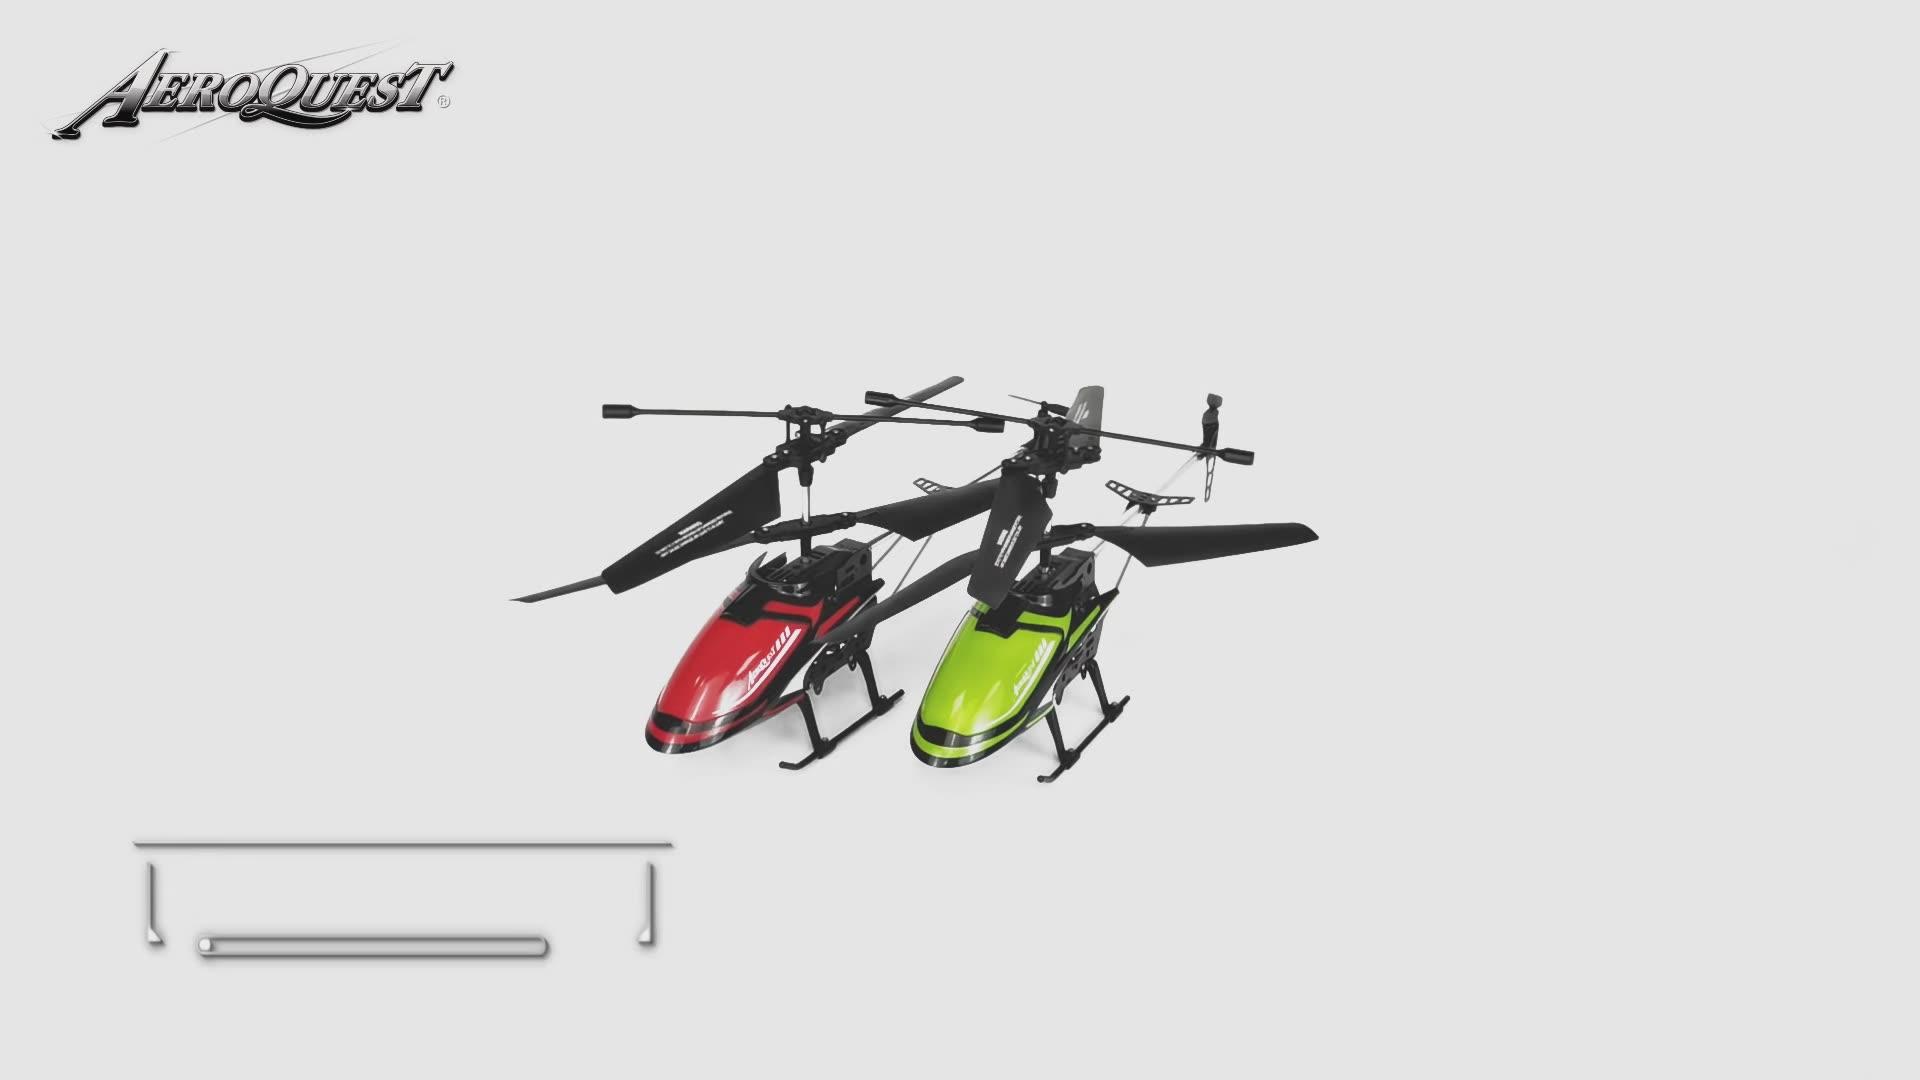 Helicóptero de Control remoto Heli de 3,5 canales a la venta con tiempo de vuelo largo RC